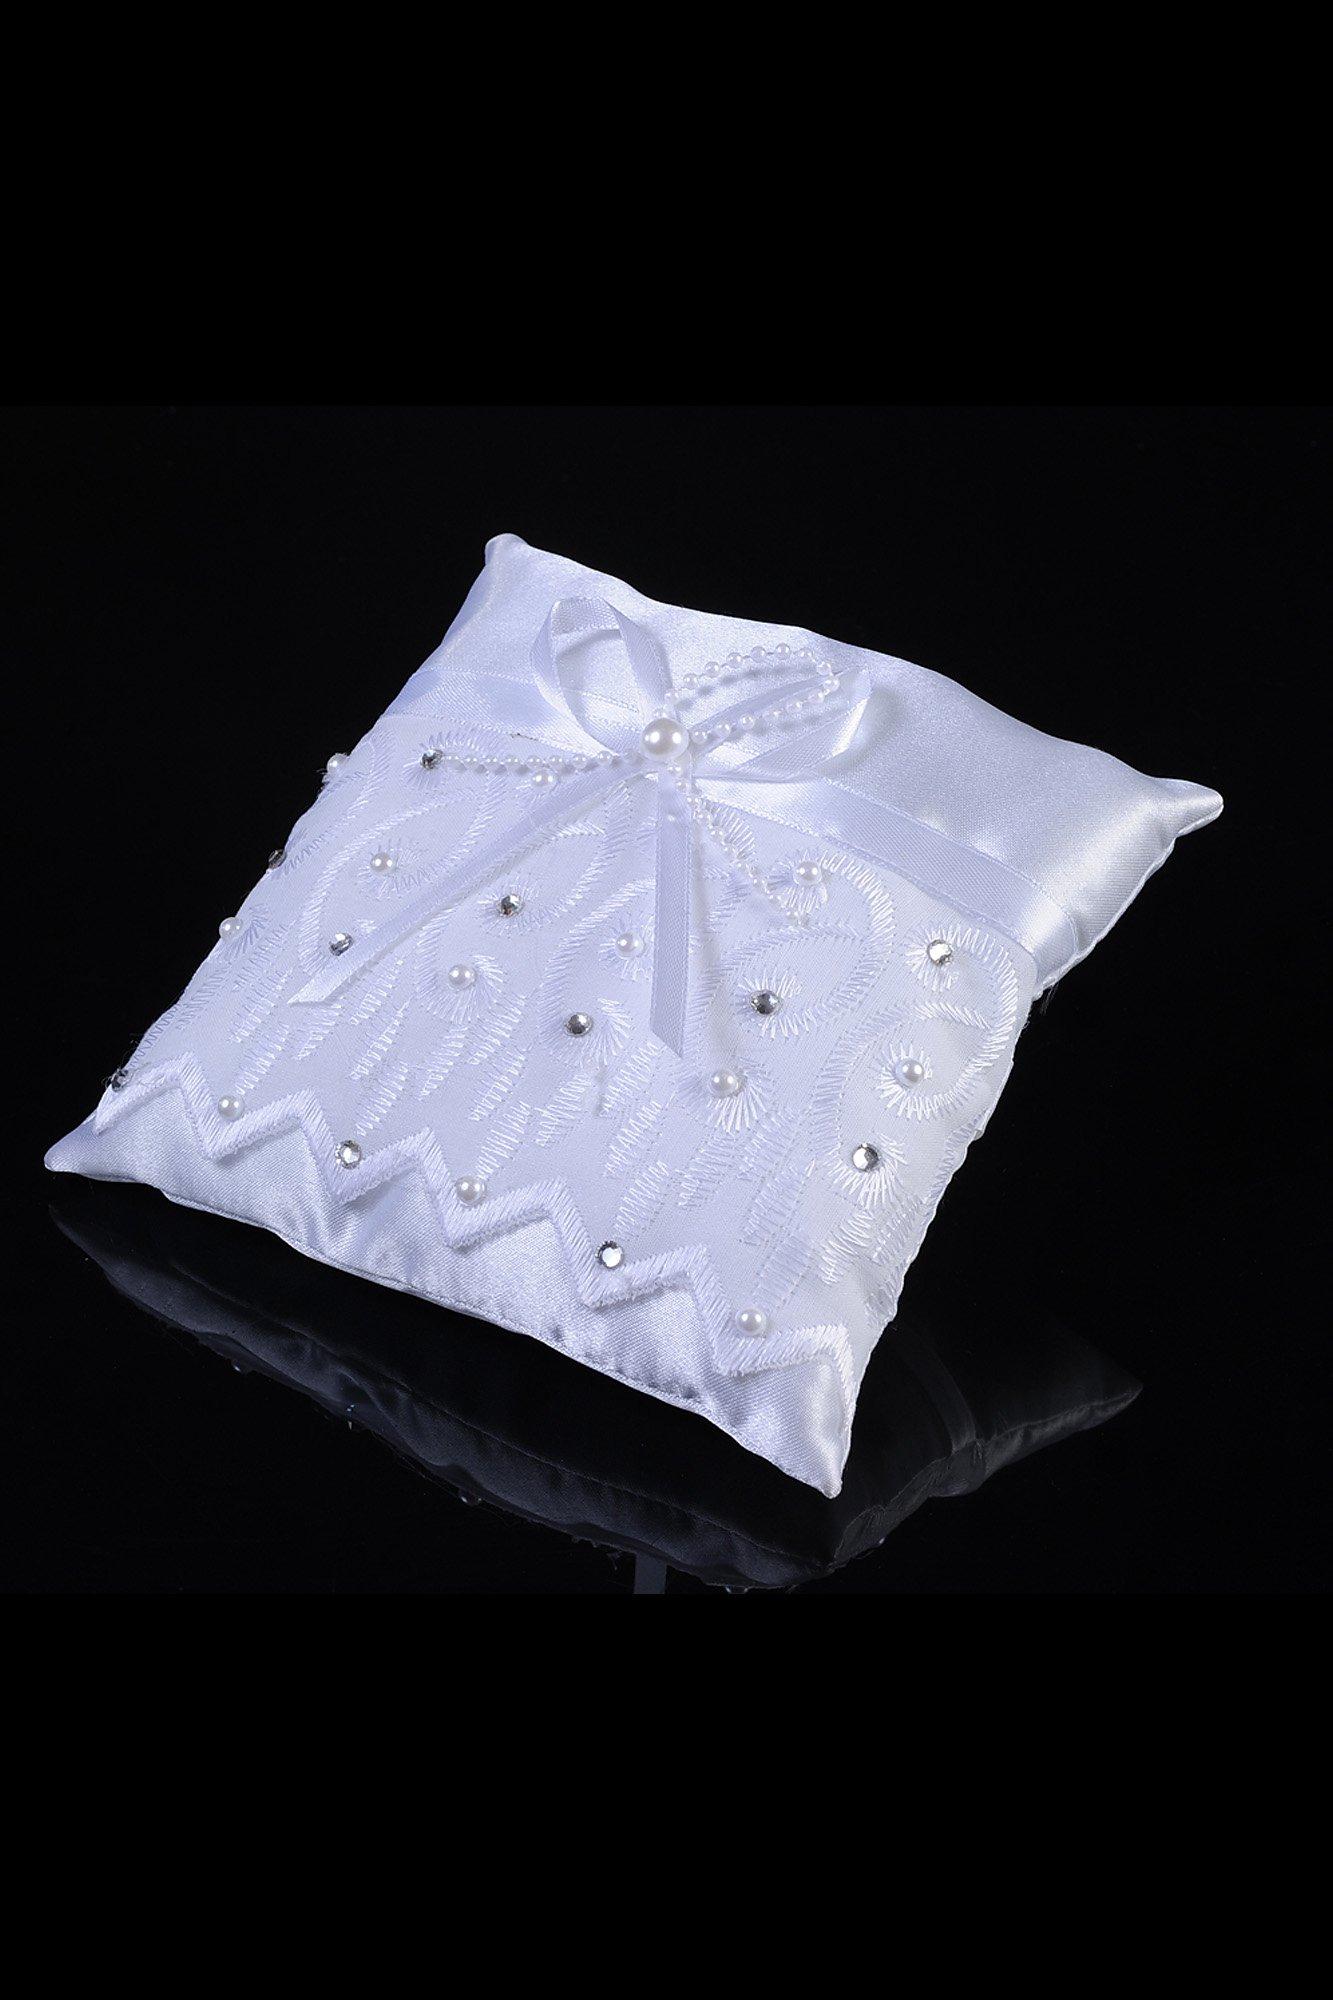 Лаконичная подушечка для колец из атласной ткани, украшенной стразами и вышивкой.